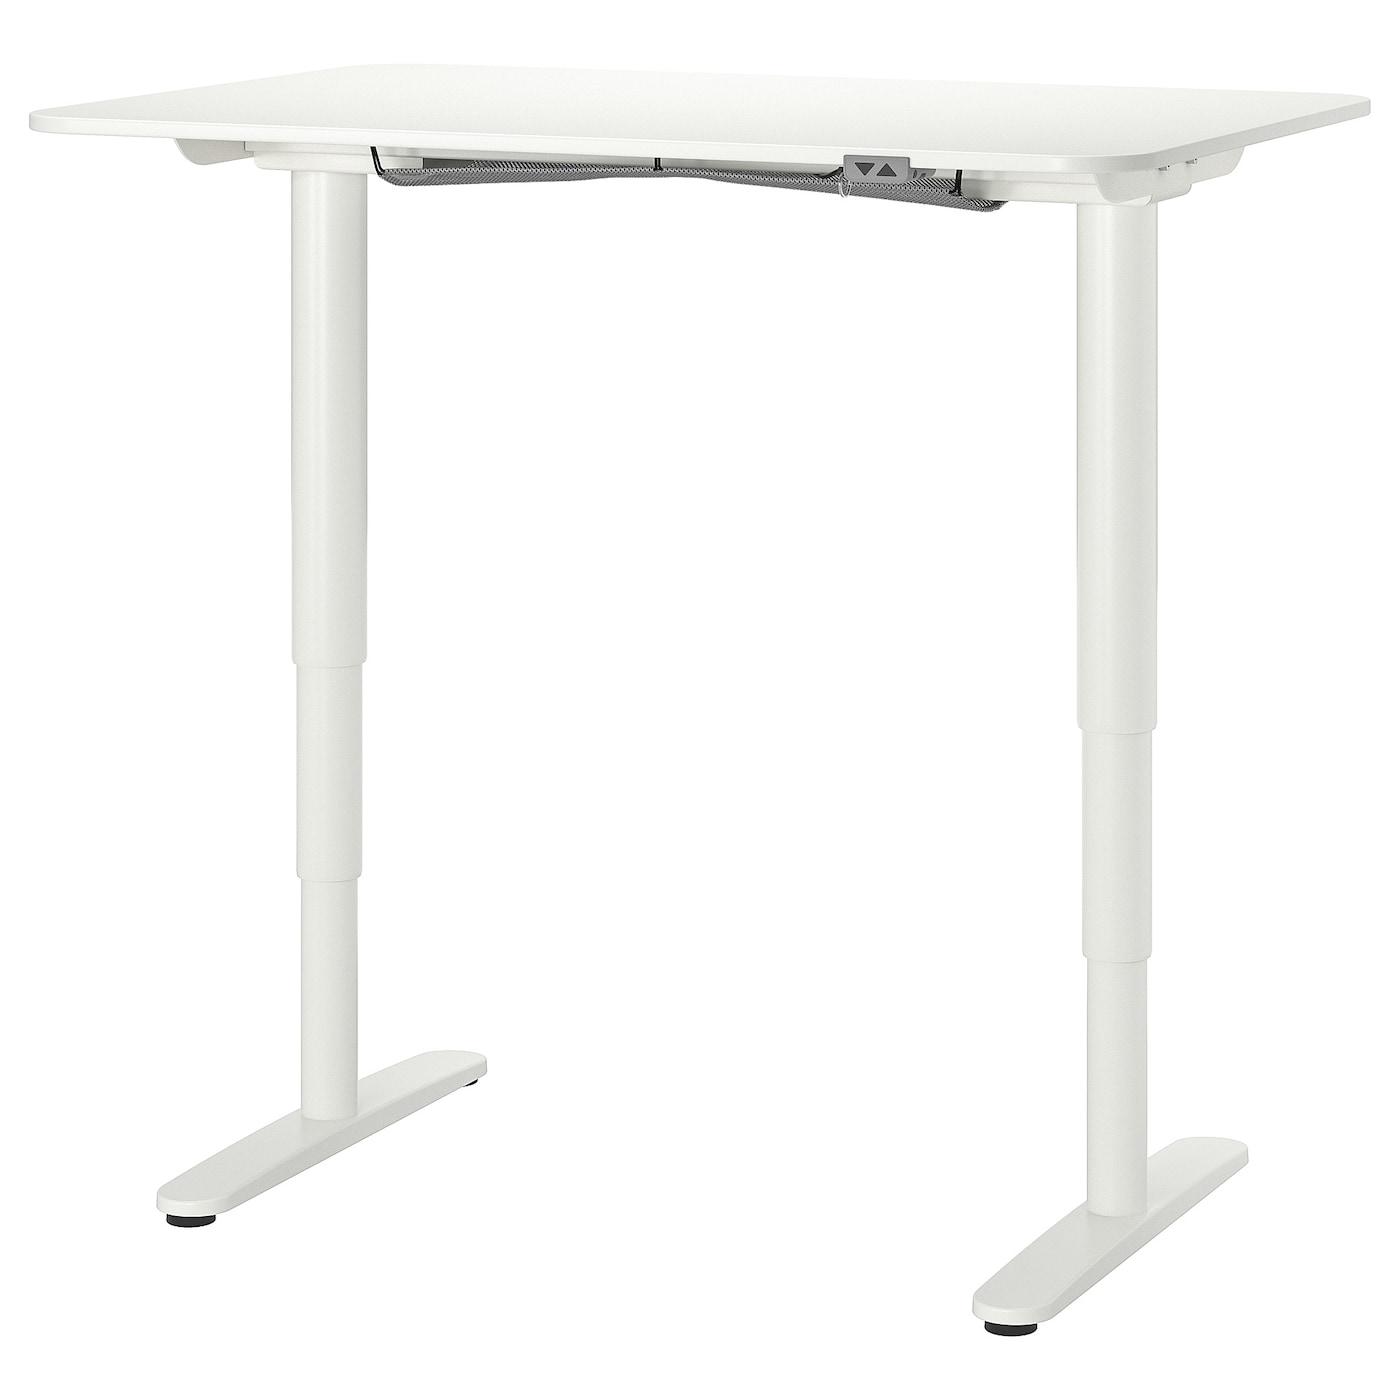 IKEA BEKANT białe biurko, sit/stand, 120x80 cm